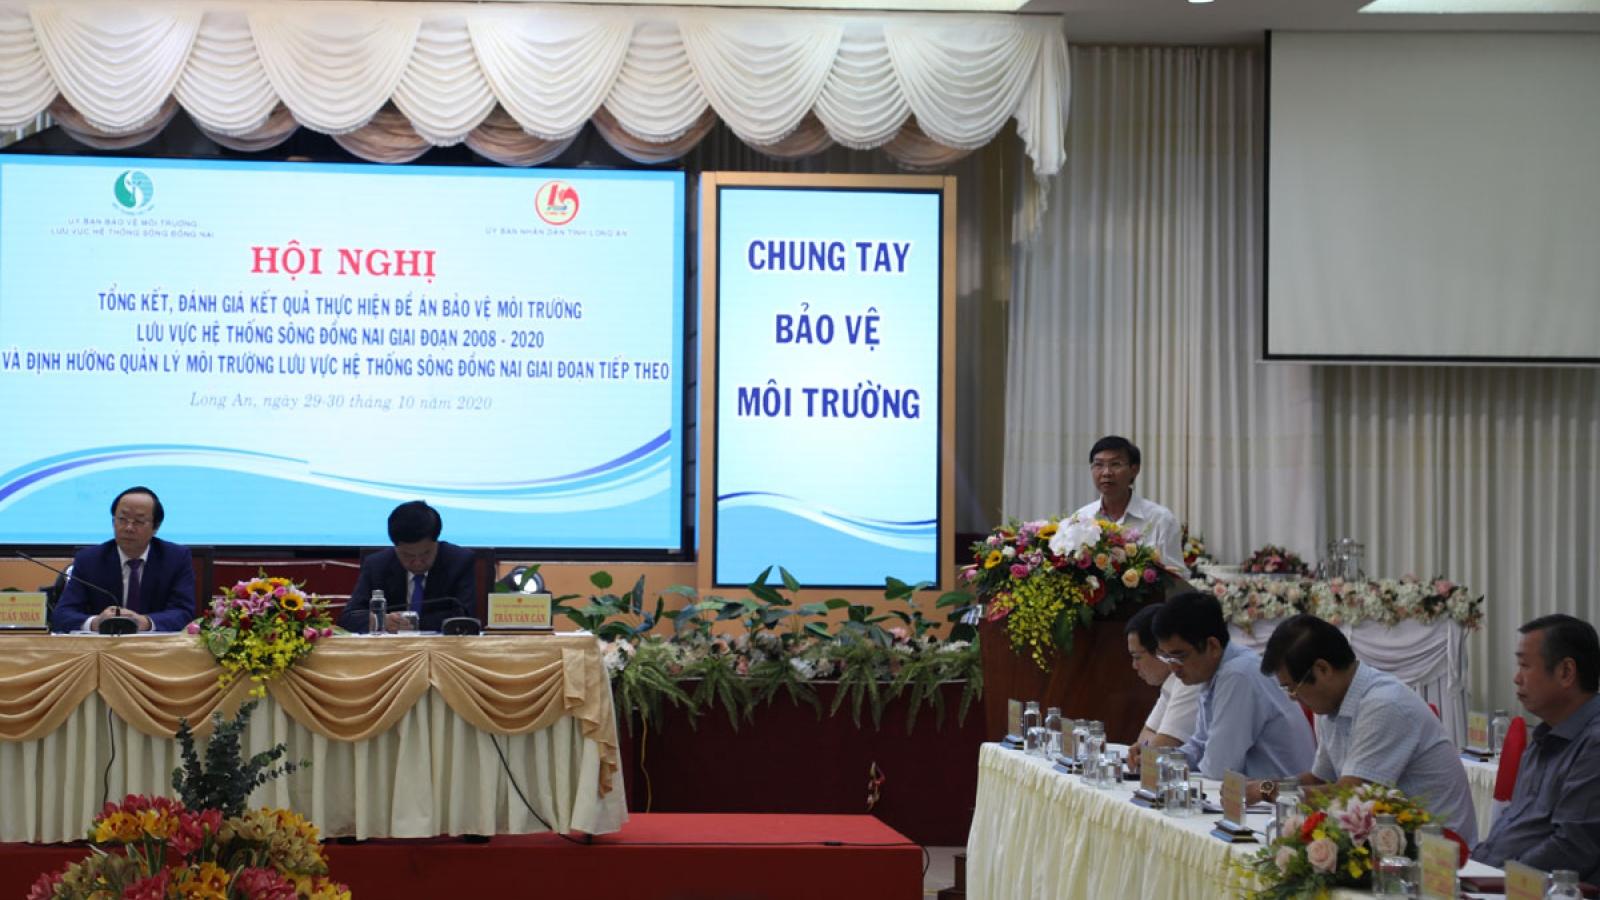 Cần cơ chếđặc thù để bảo vệ lưu vực sông Đồng Nai